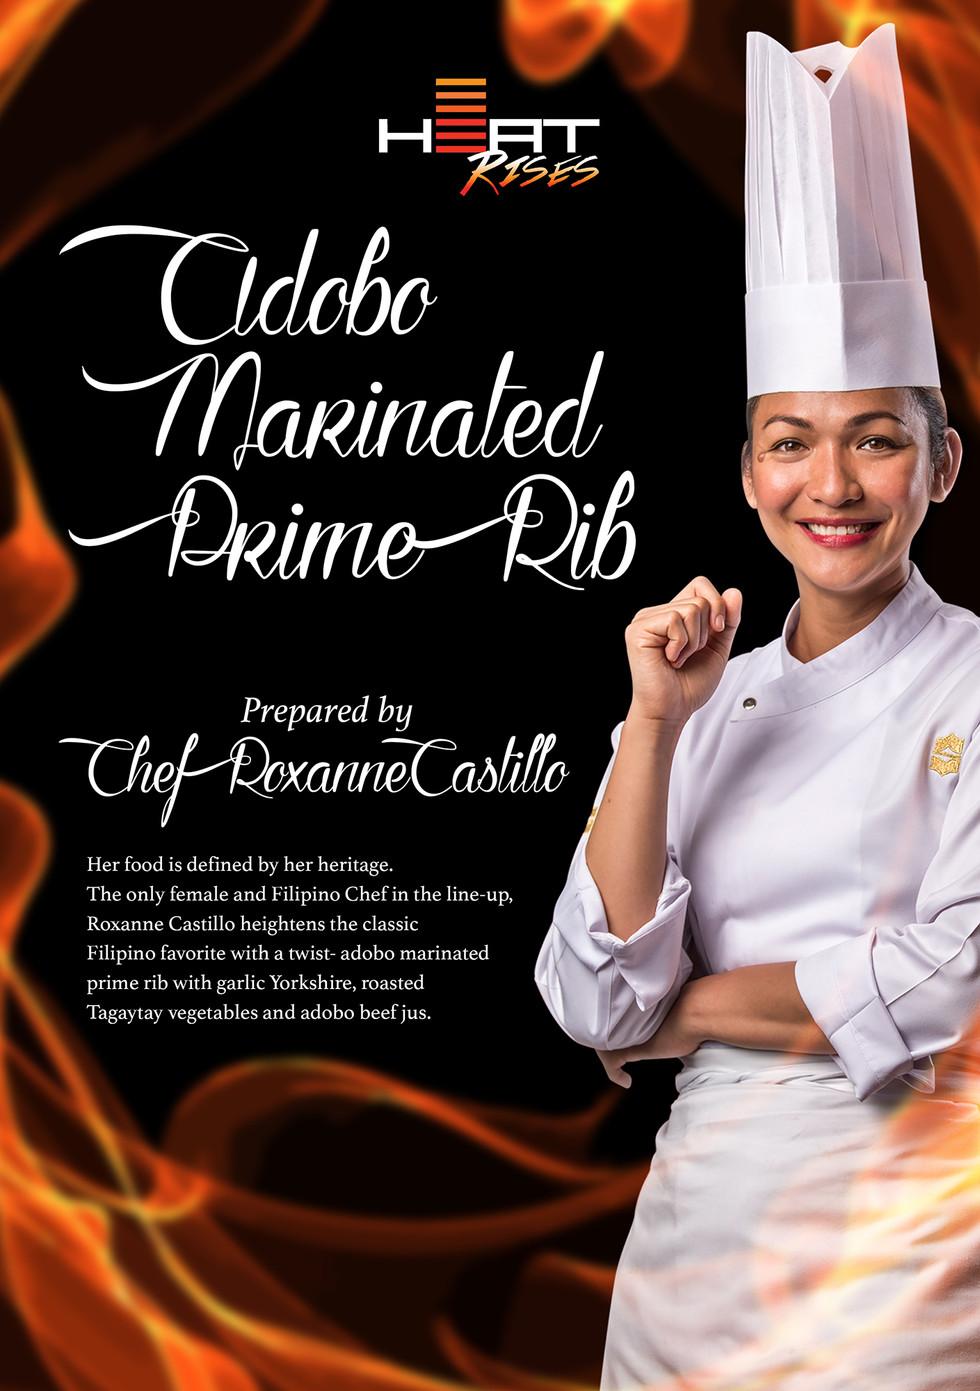 Adobo Marinated Prime Rib - Signature Di